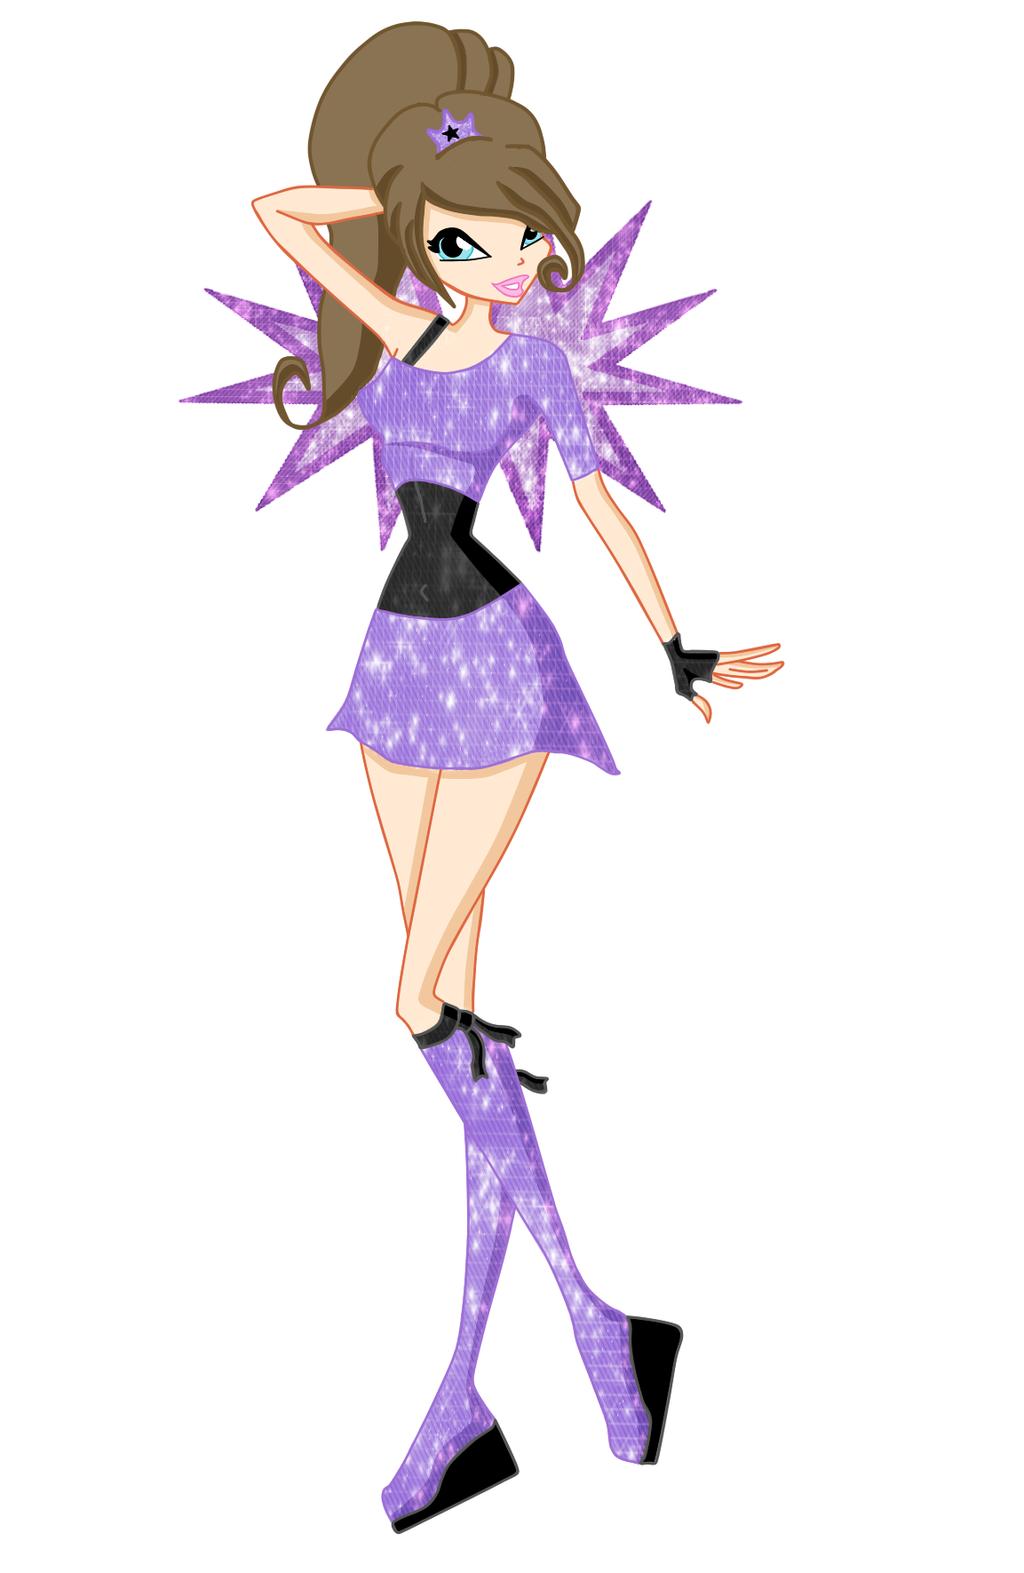 Princess ella in winx form by princessellawinx on deviantart - Princesse winx ...